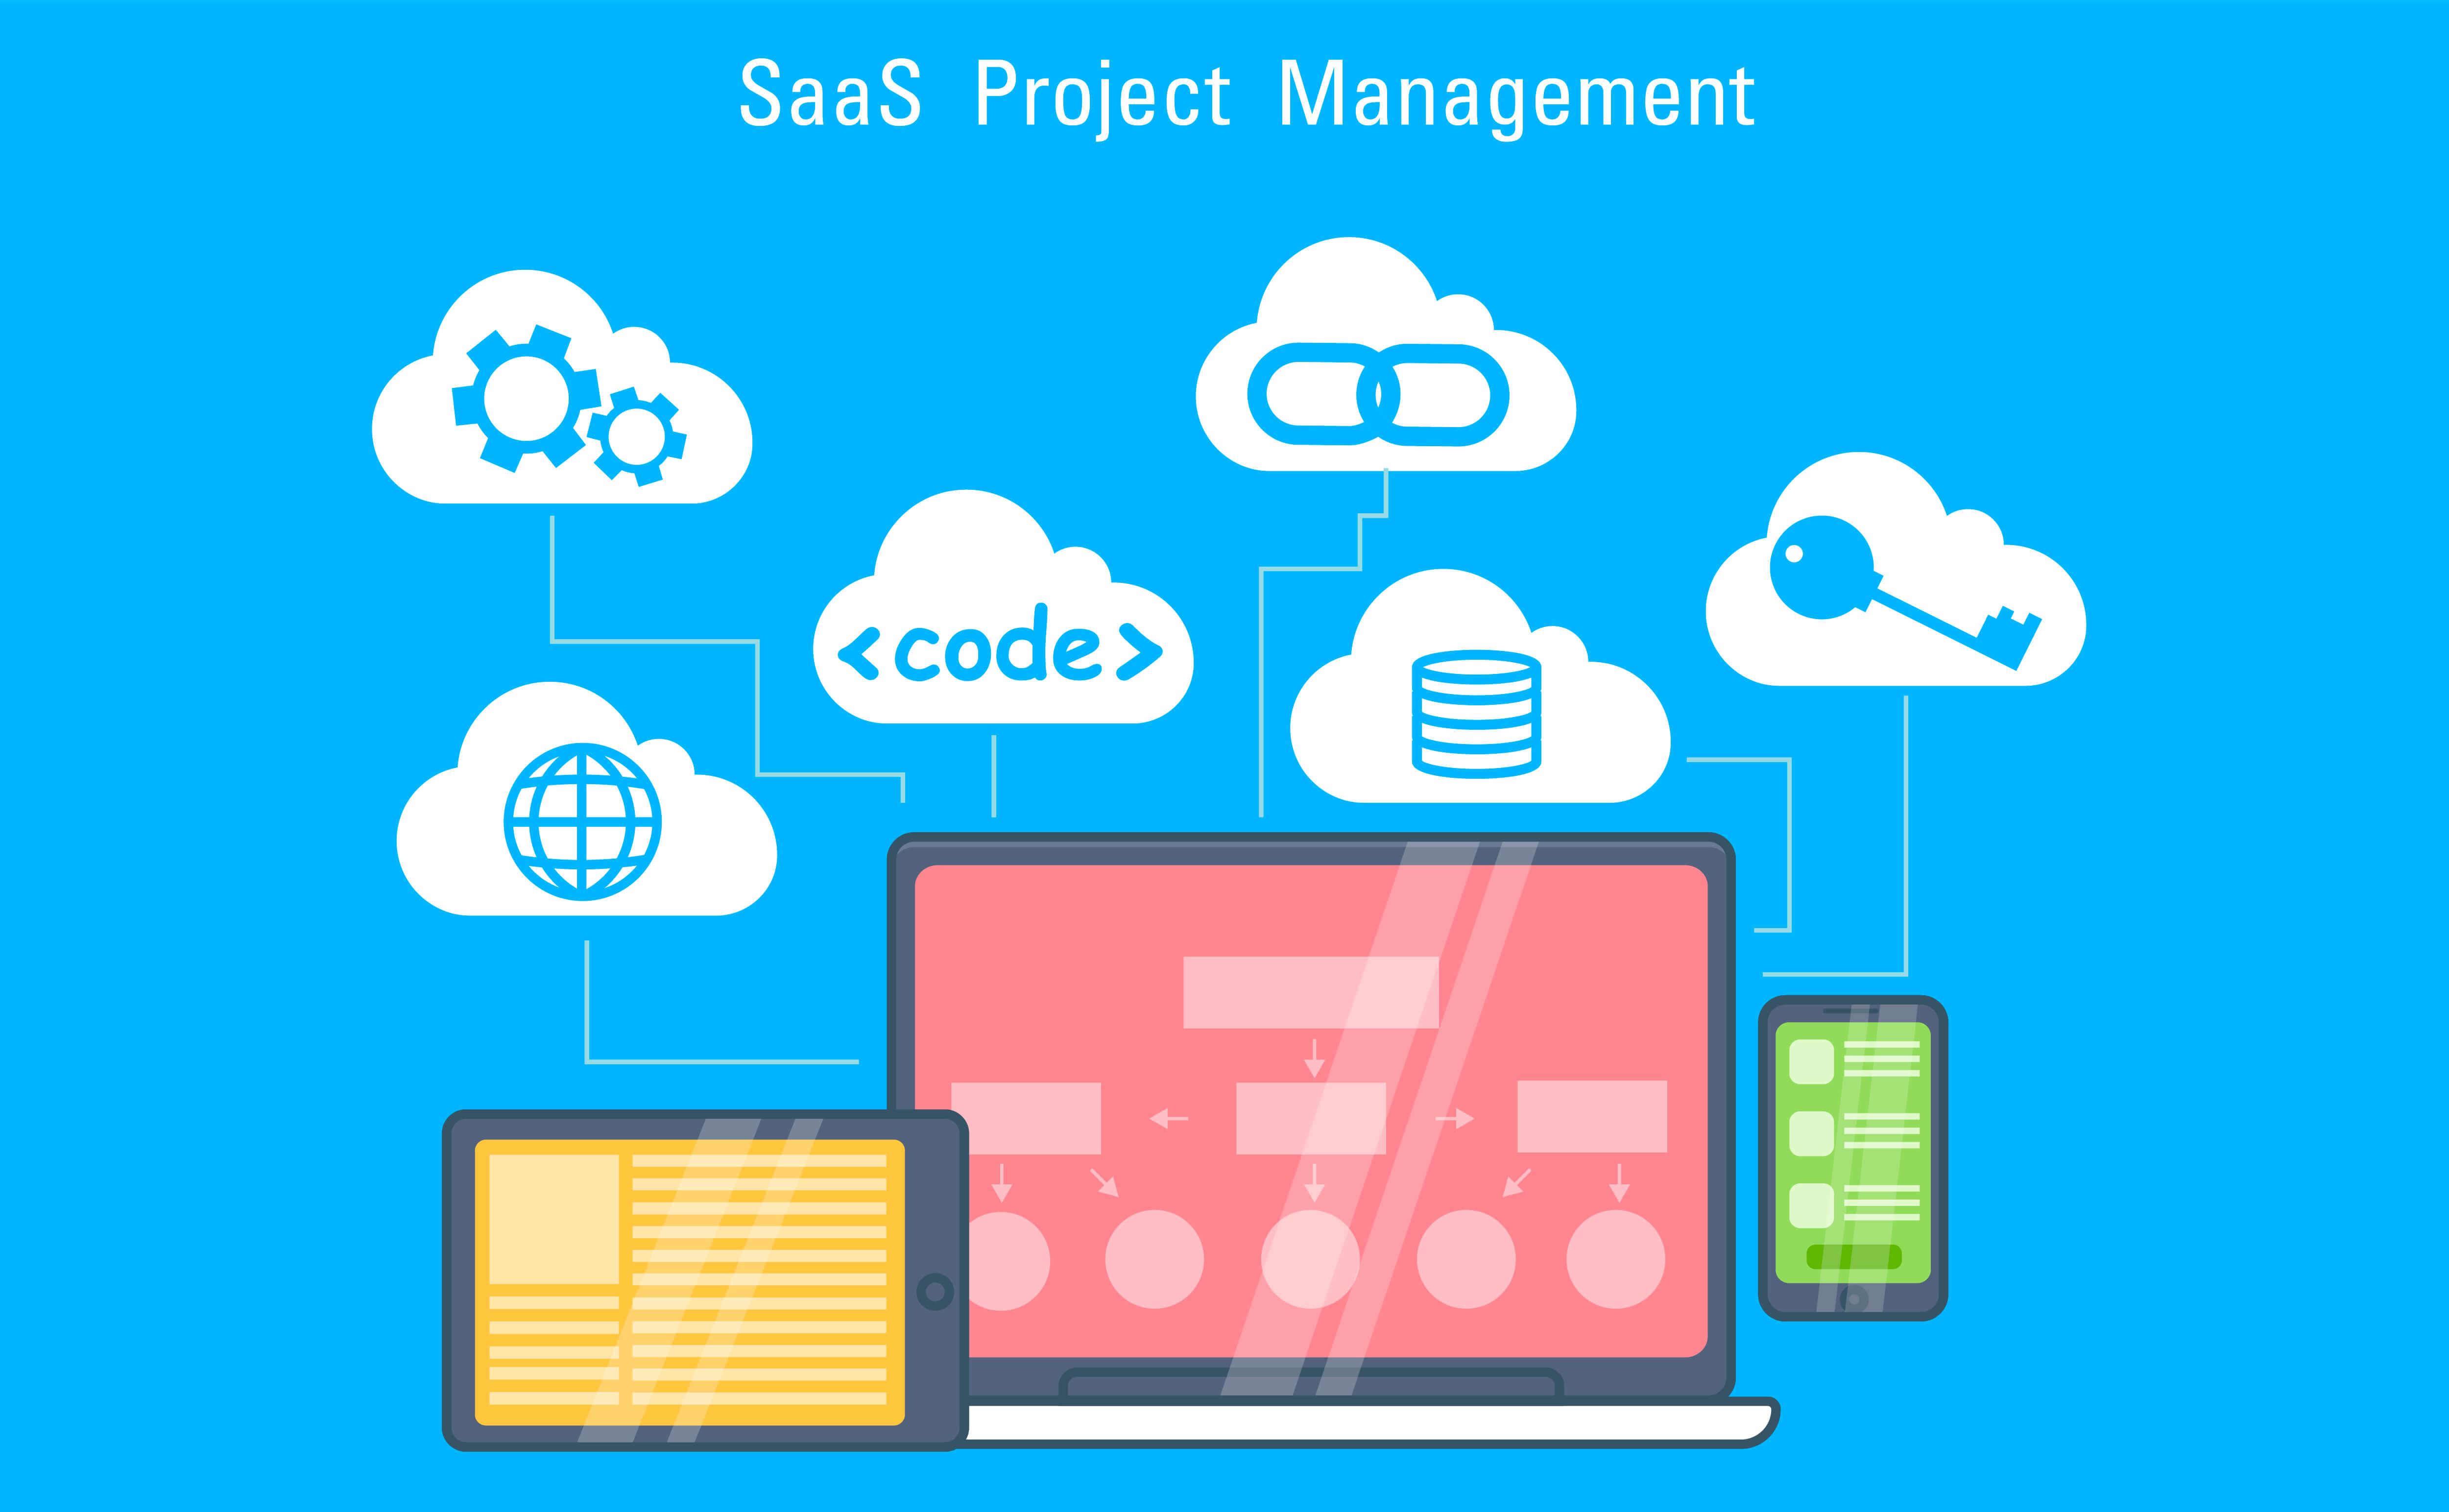 היתרונות והחסרונות של המעבר למערכות טכנולוגיית המידע המבוססות על Cloud  בשיטת SaaS